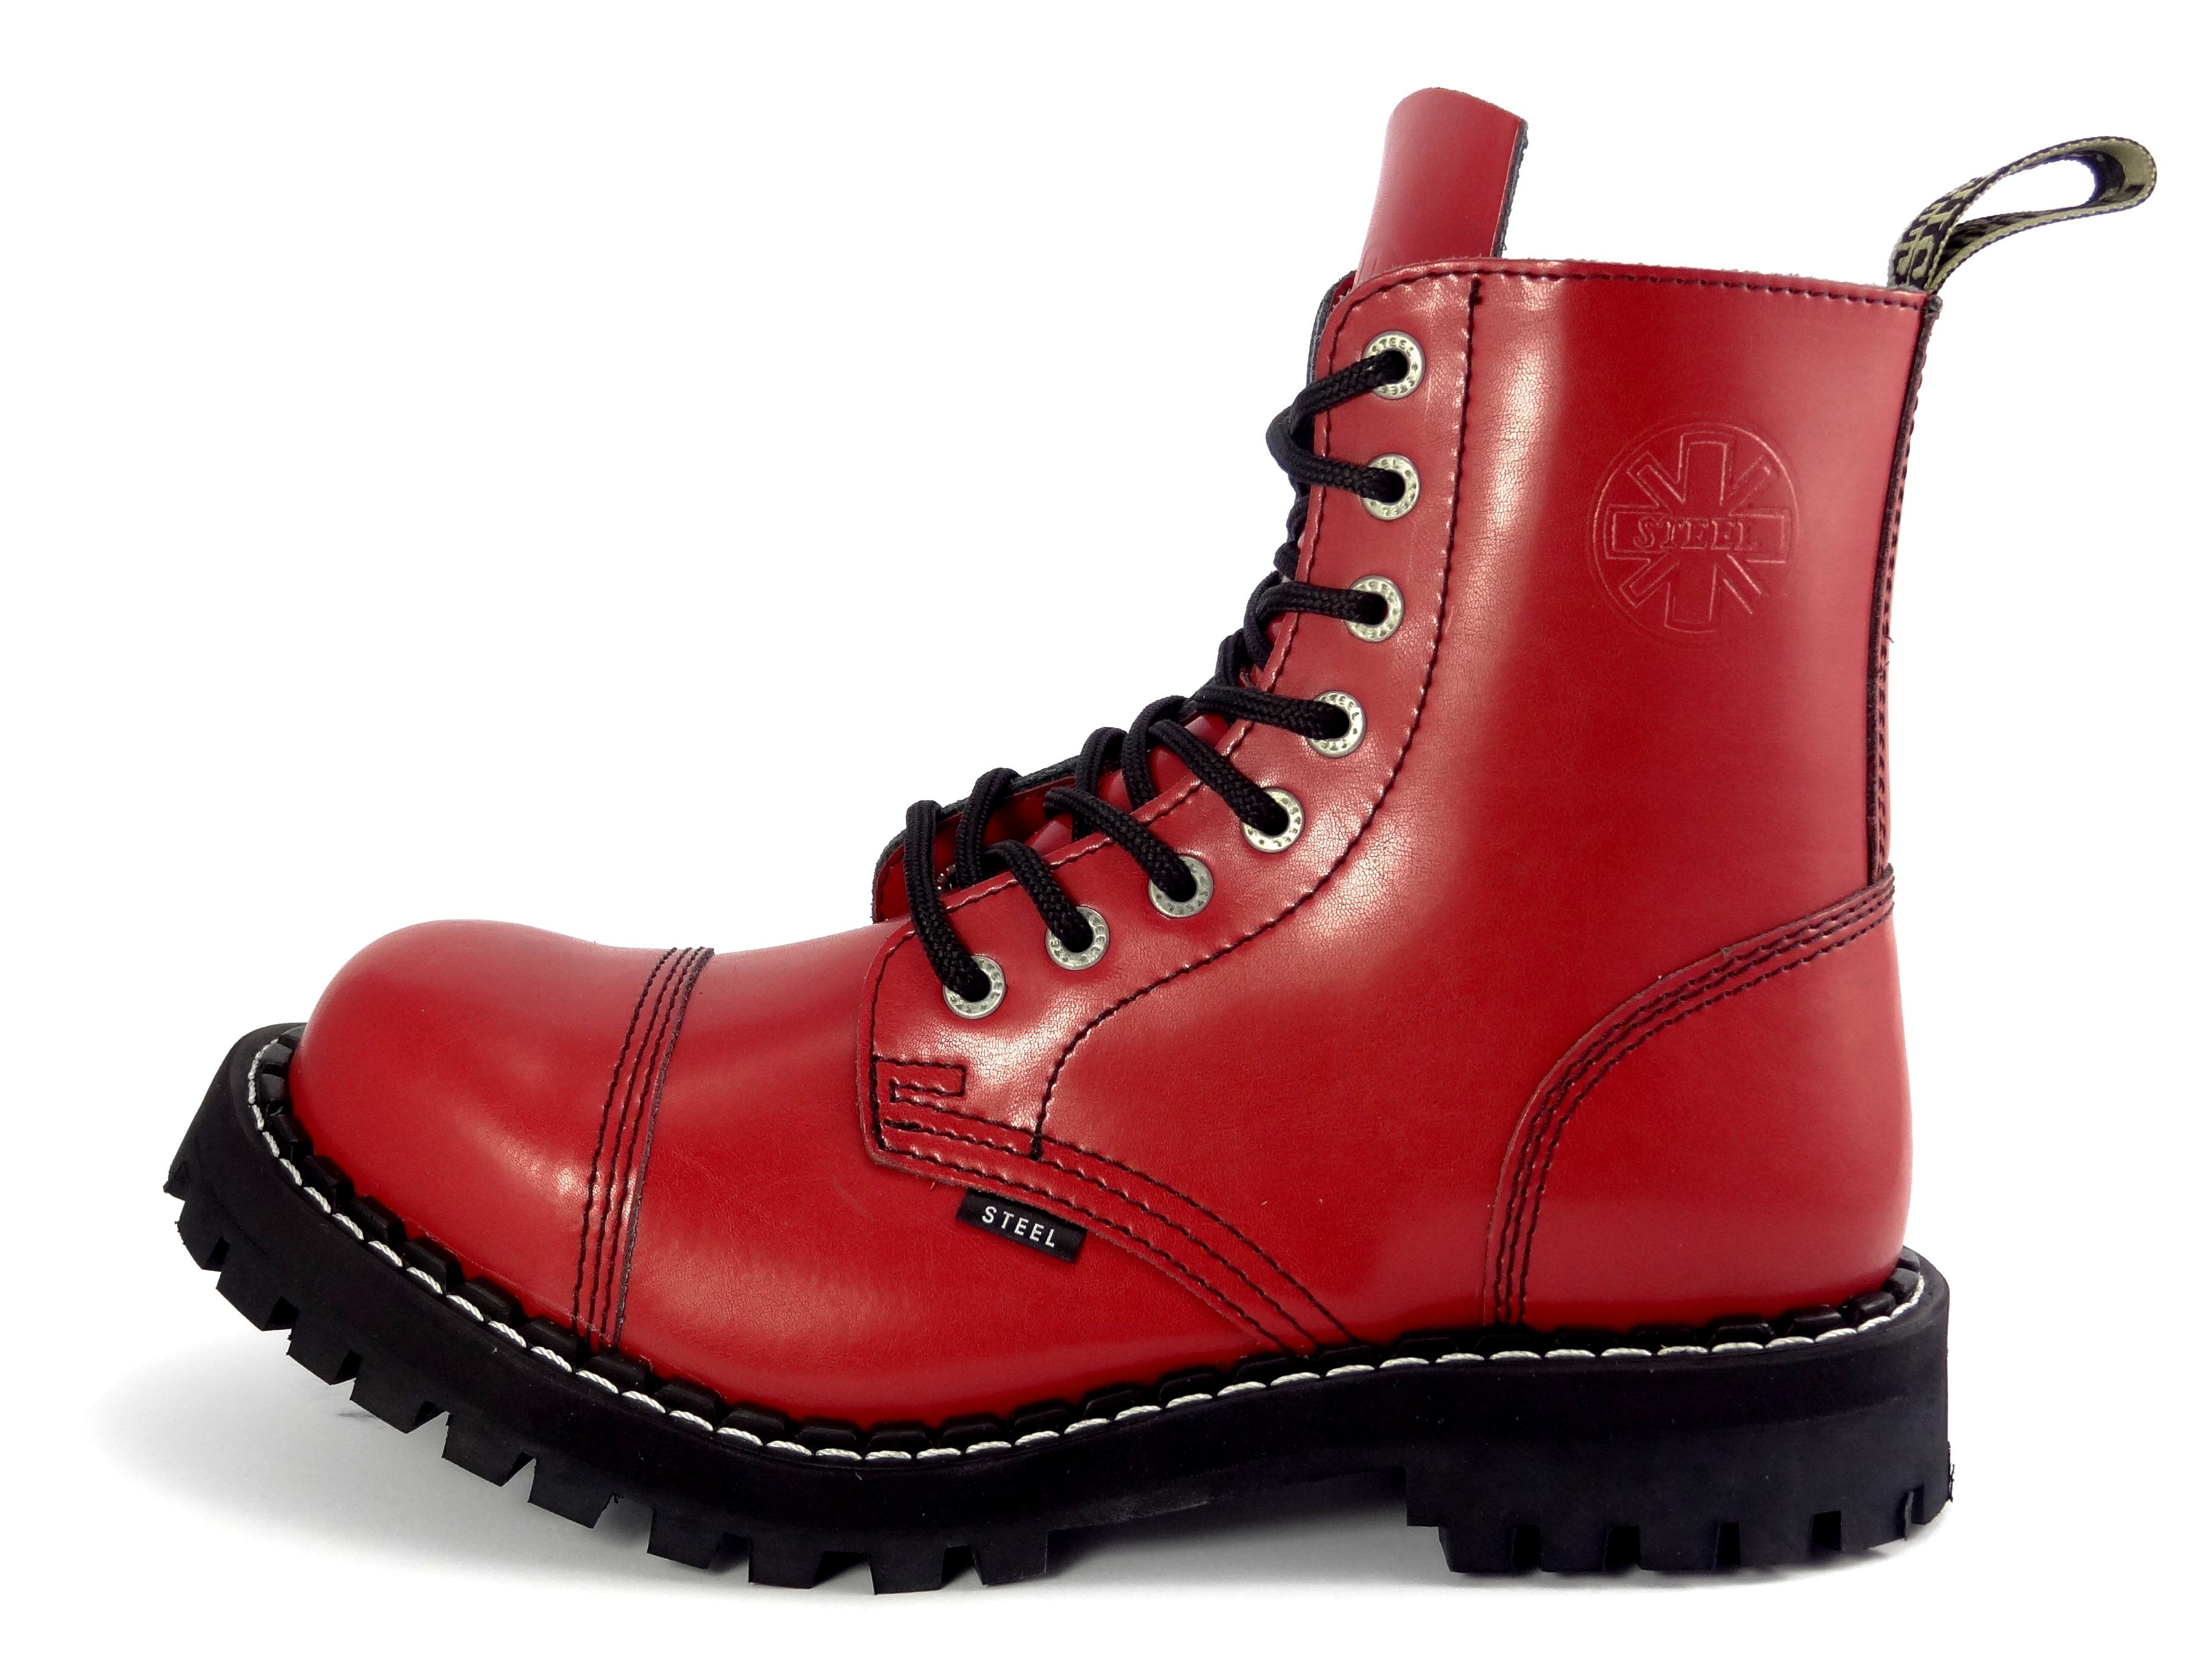 ec0150c7086 Steel boty 8 dírkové plné červené